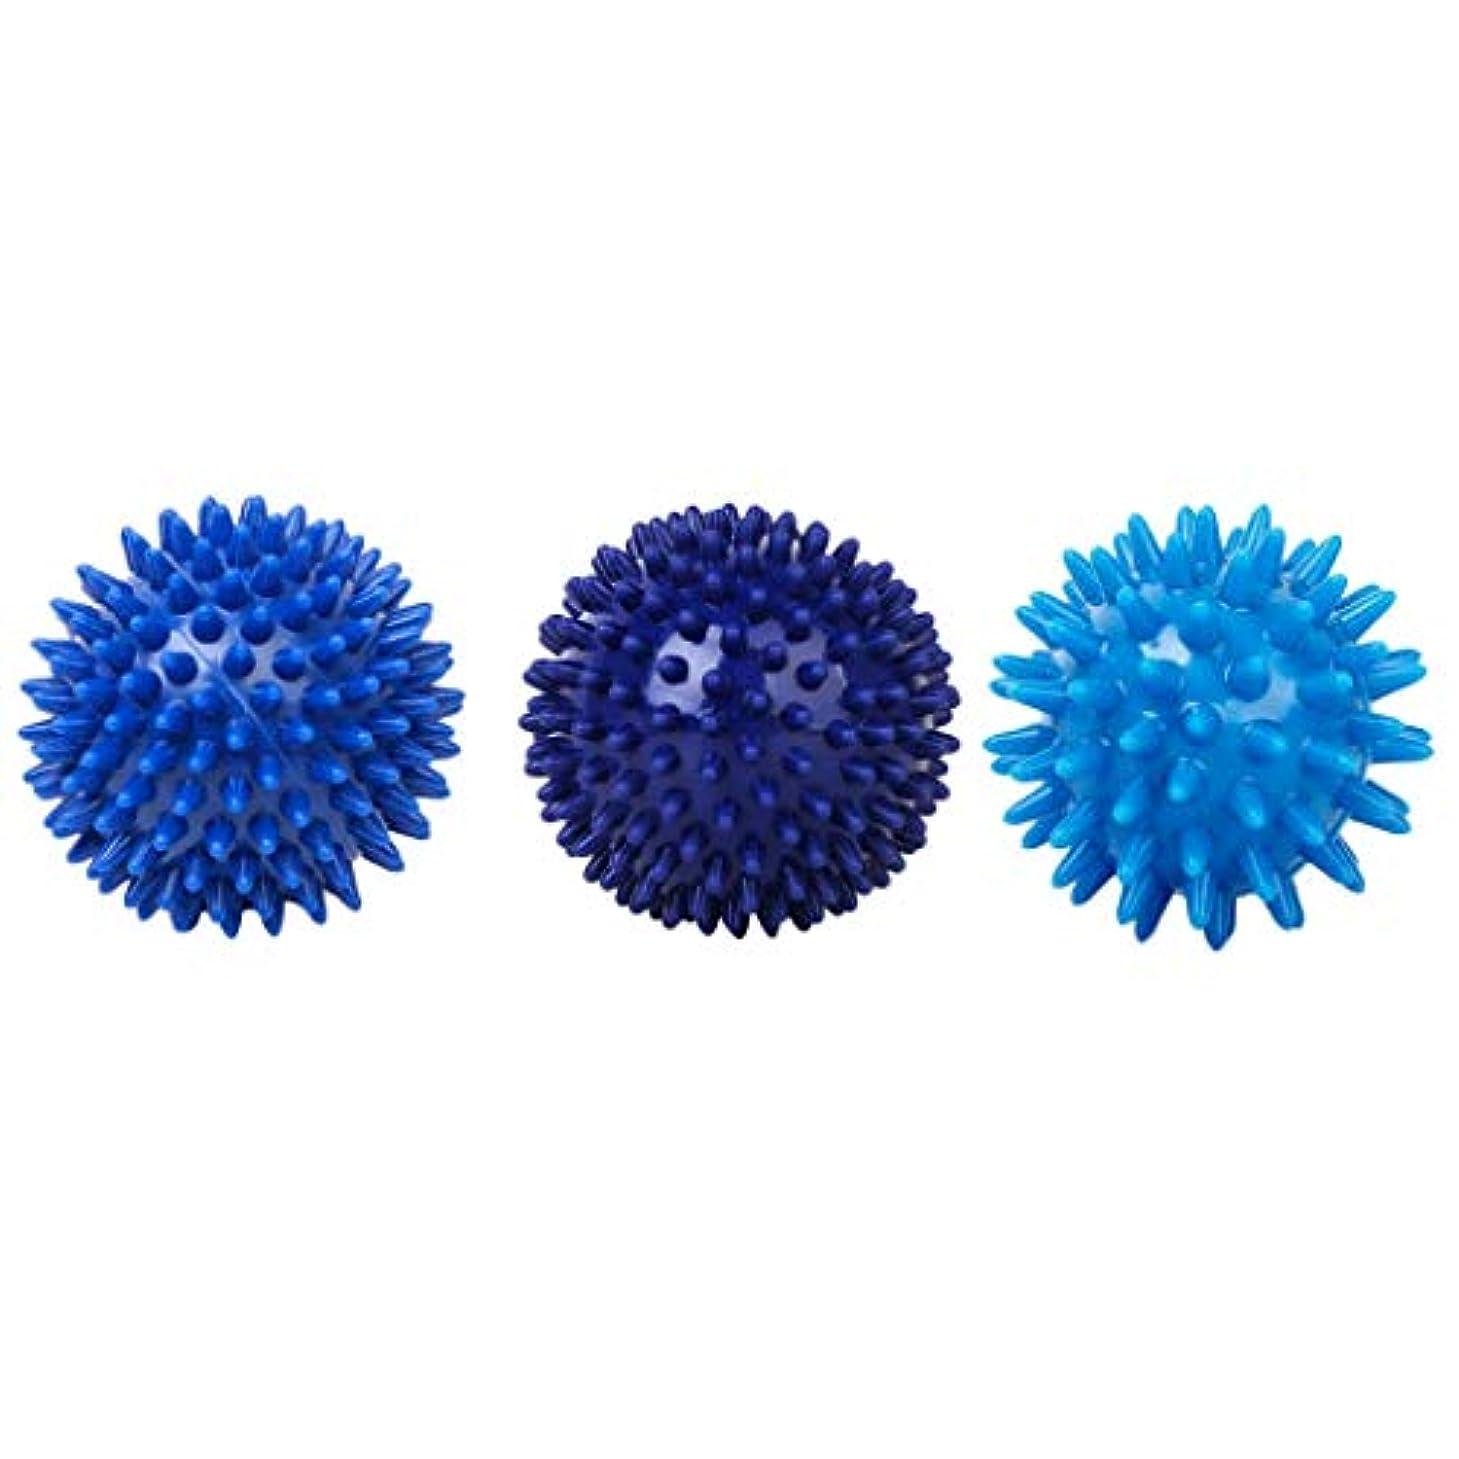 アーク爆発水素マッサージボール 健康グッズ 筋膜ボール ハード 緊張緩和 液循環促進 ツボ押しグッズ